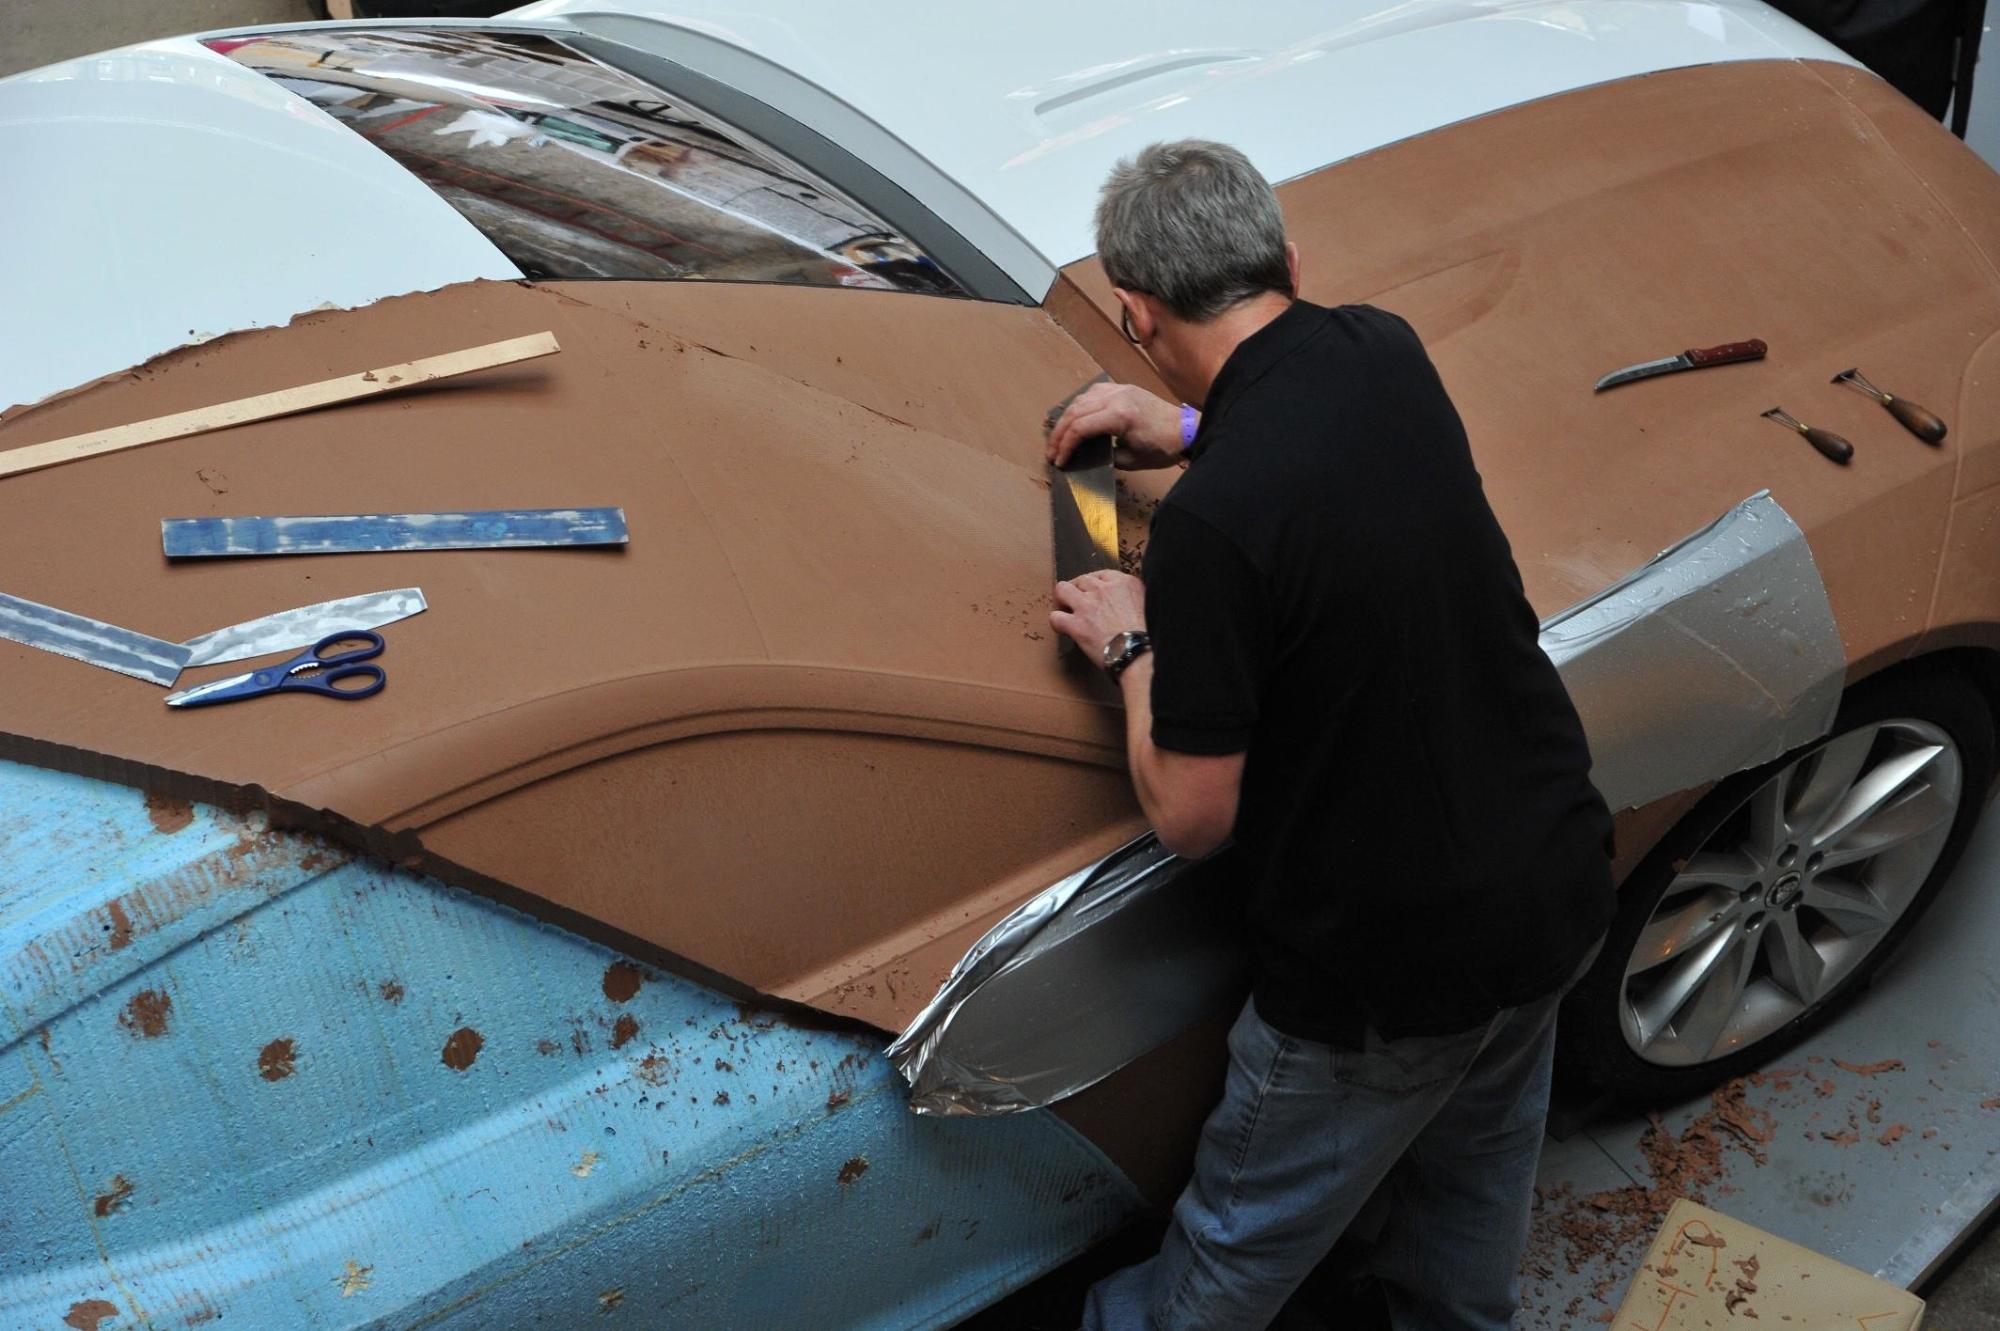 Jaguar Xj220 For Sale >> Jaguar Reveals Real Scale C-X16 Clay Model - autoevolution